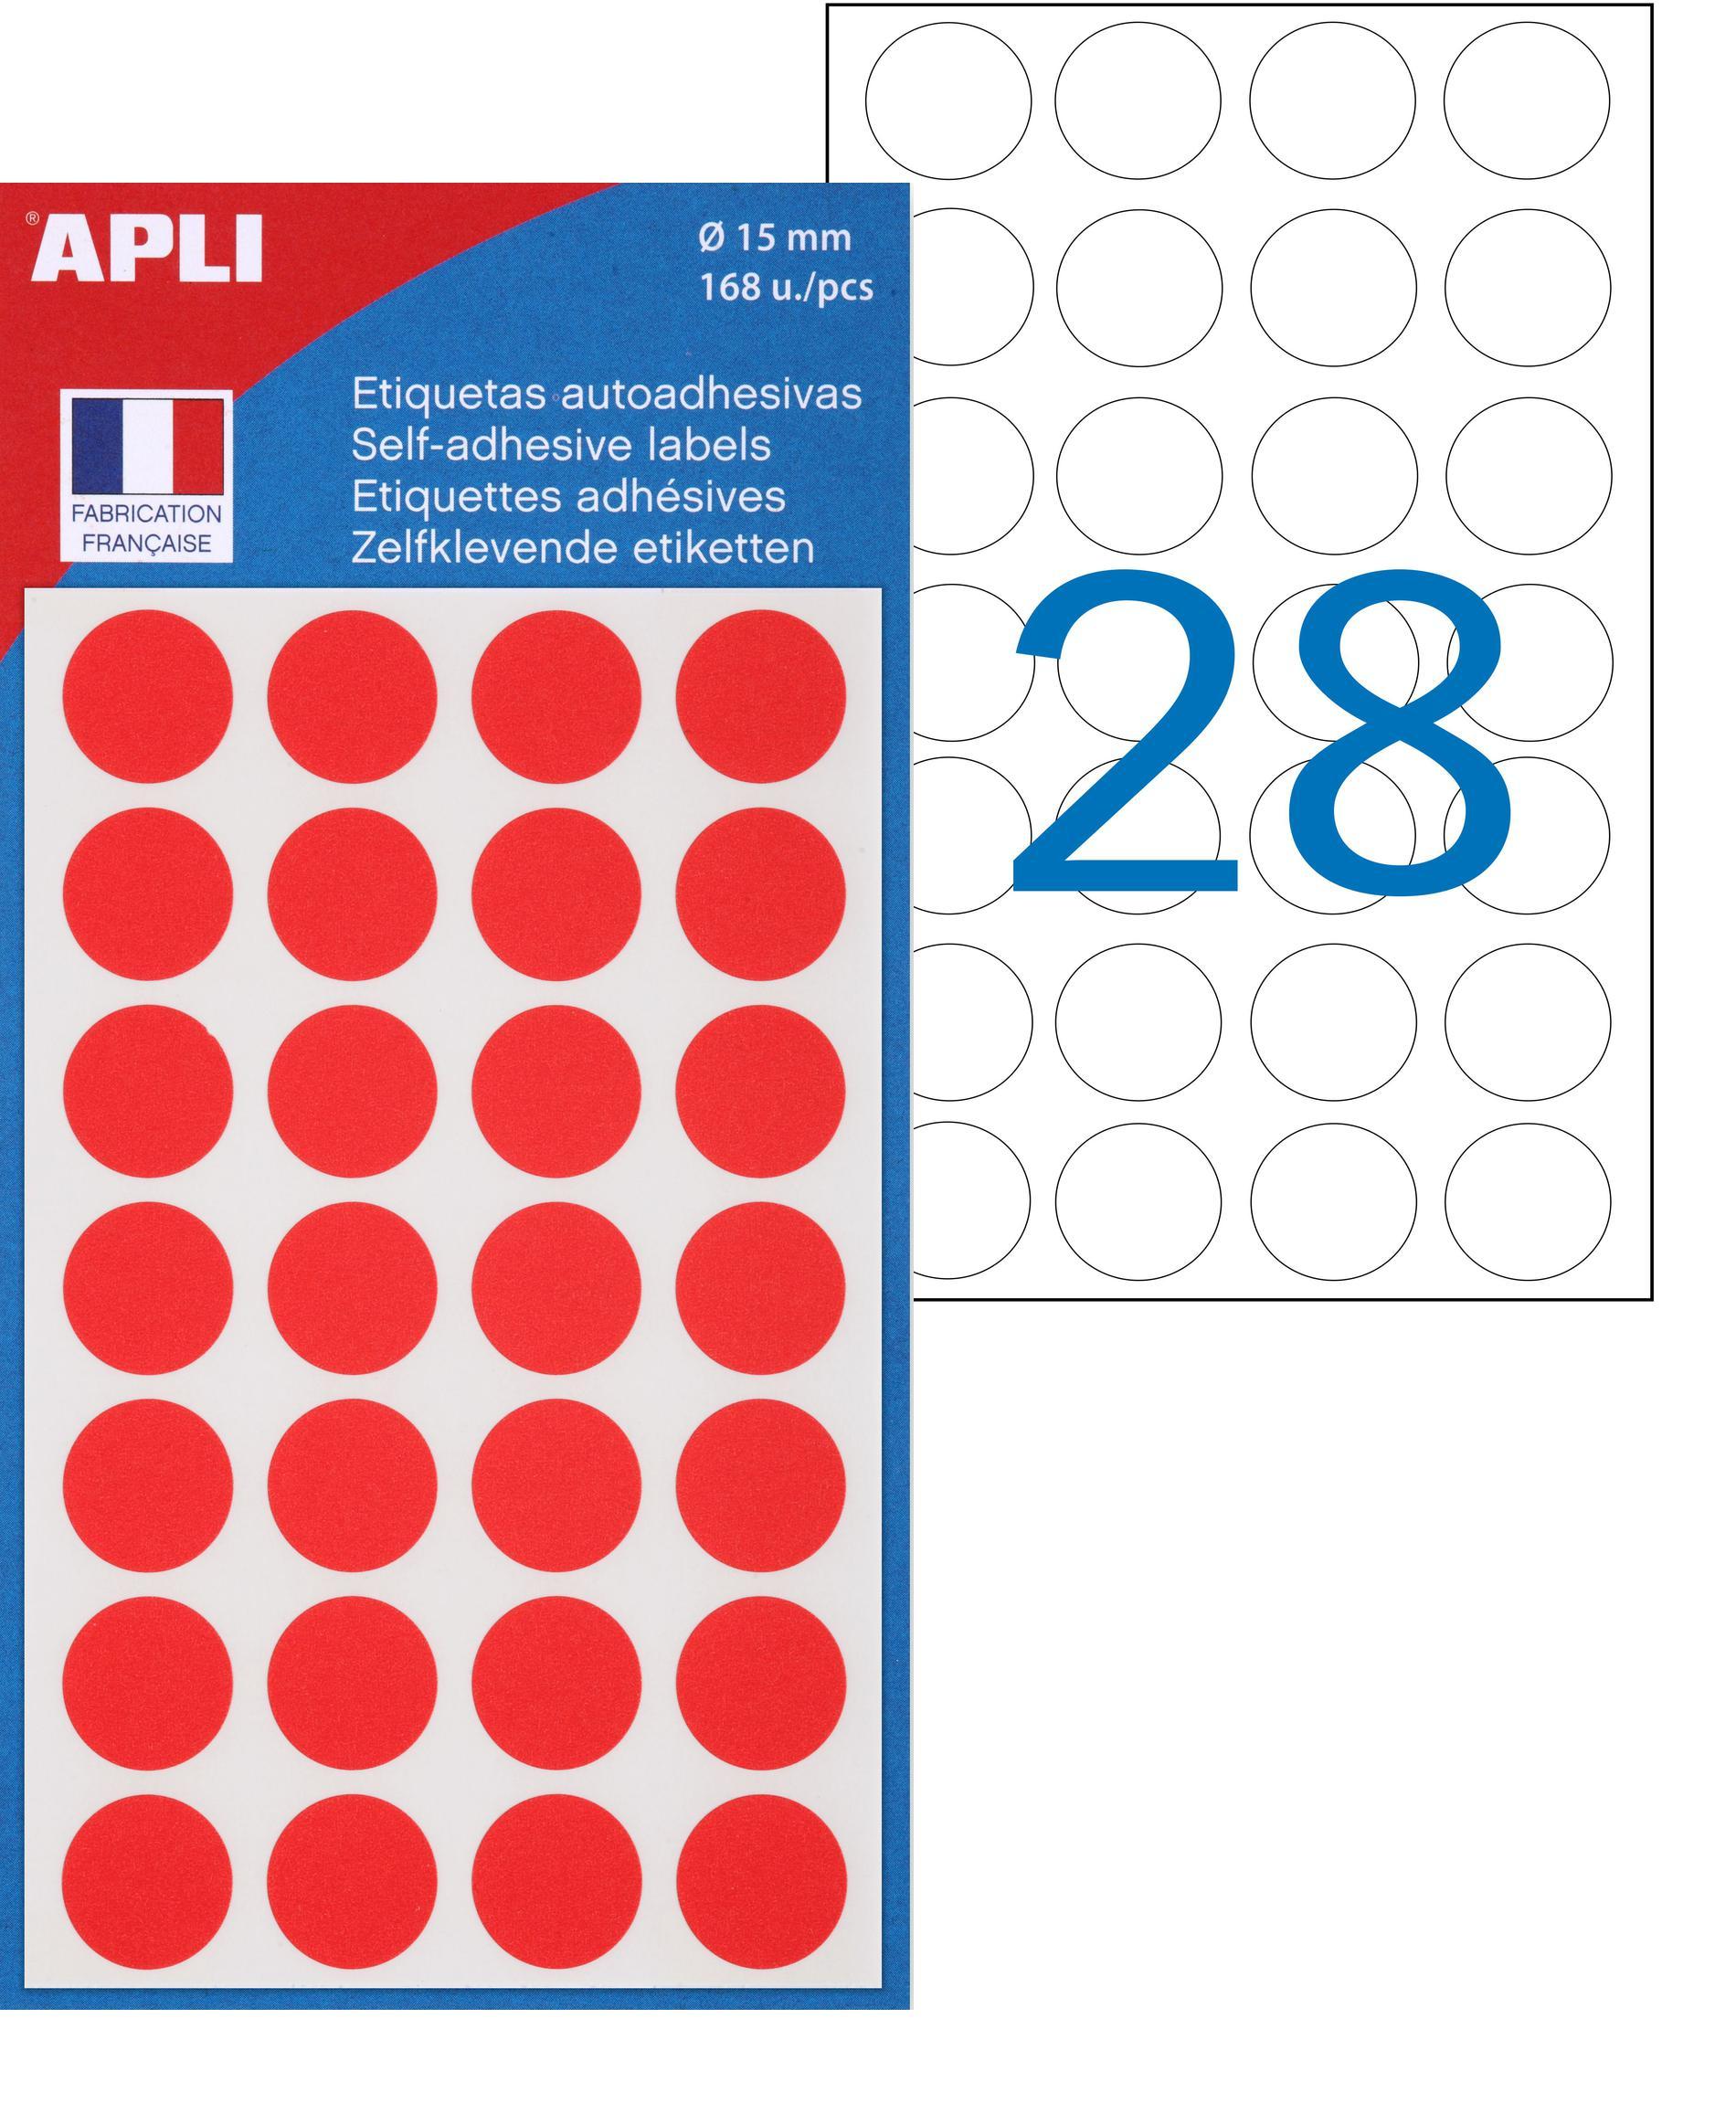 Apli Agipa - 168 Pastilles adhésives - rouge - diamètre 15 mm - réf 111843